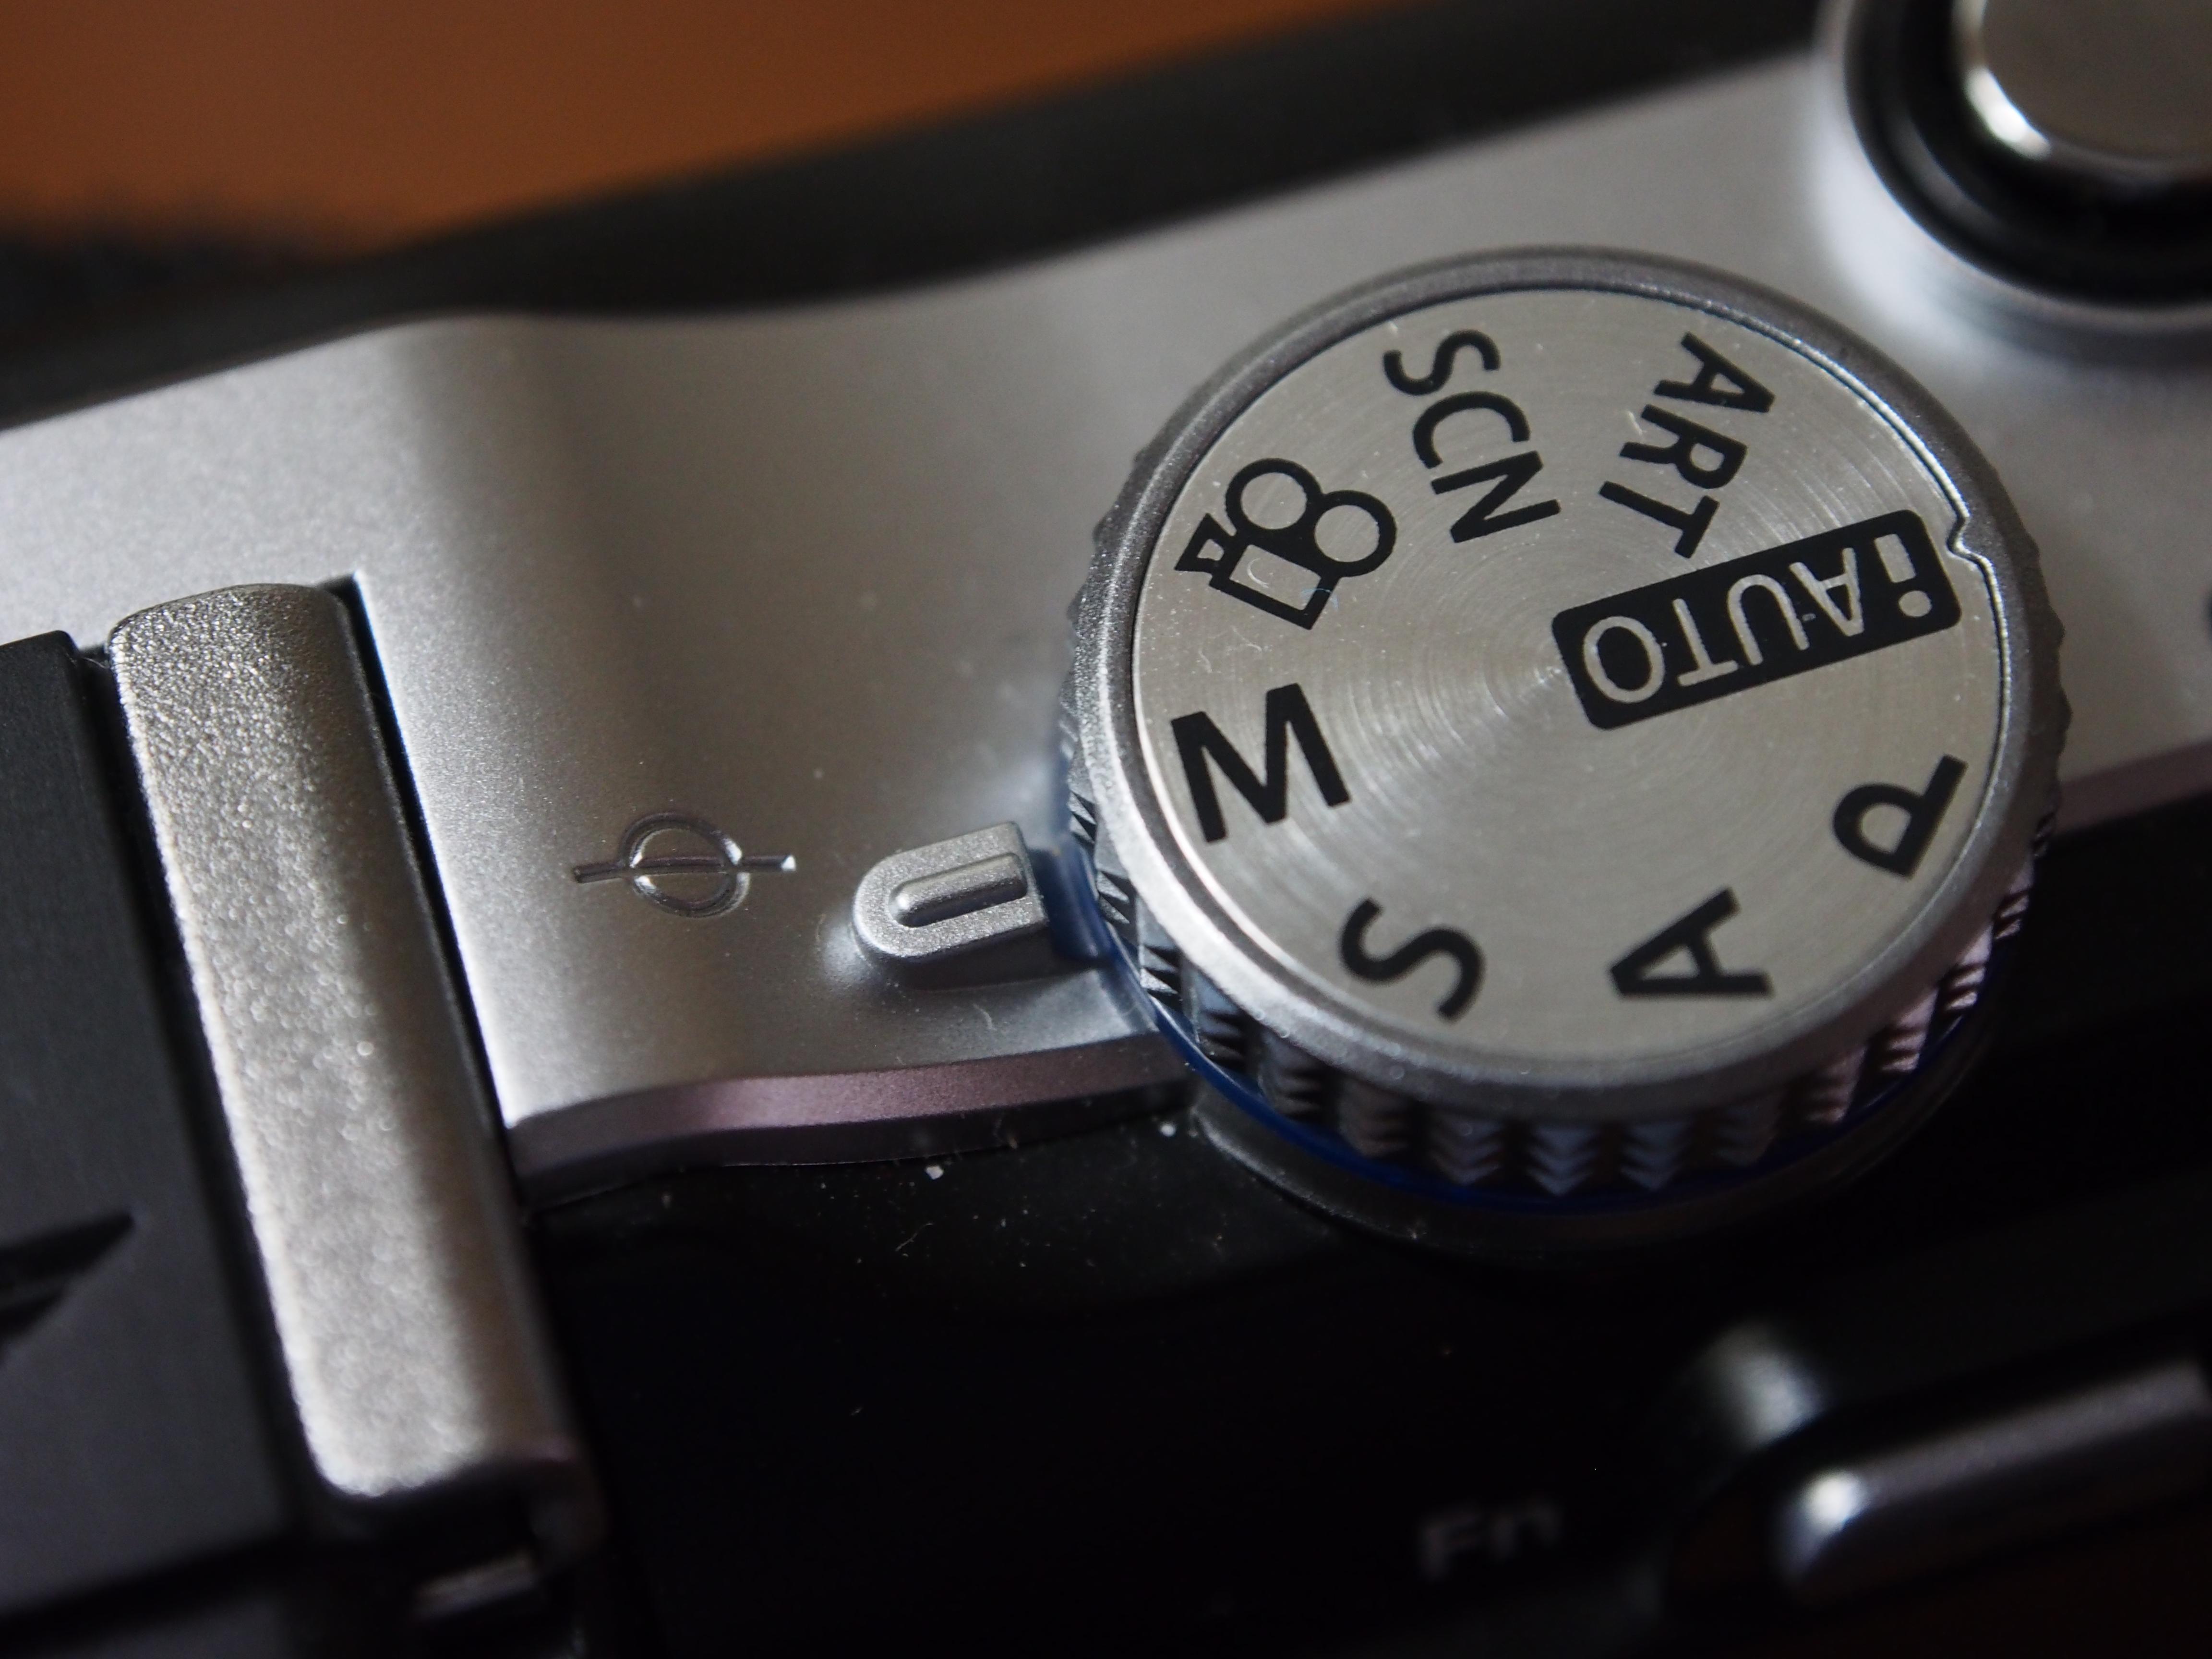 Camera control knob